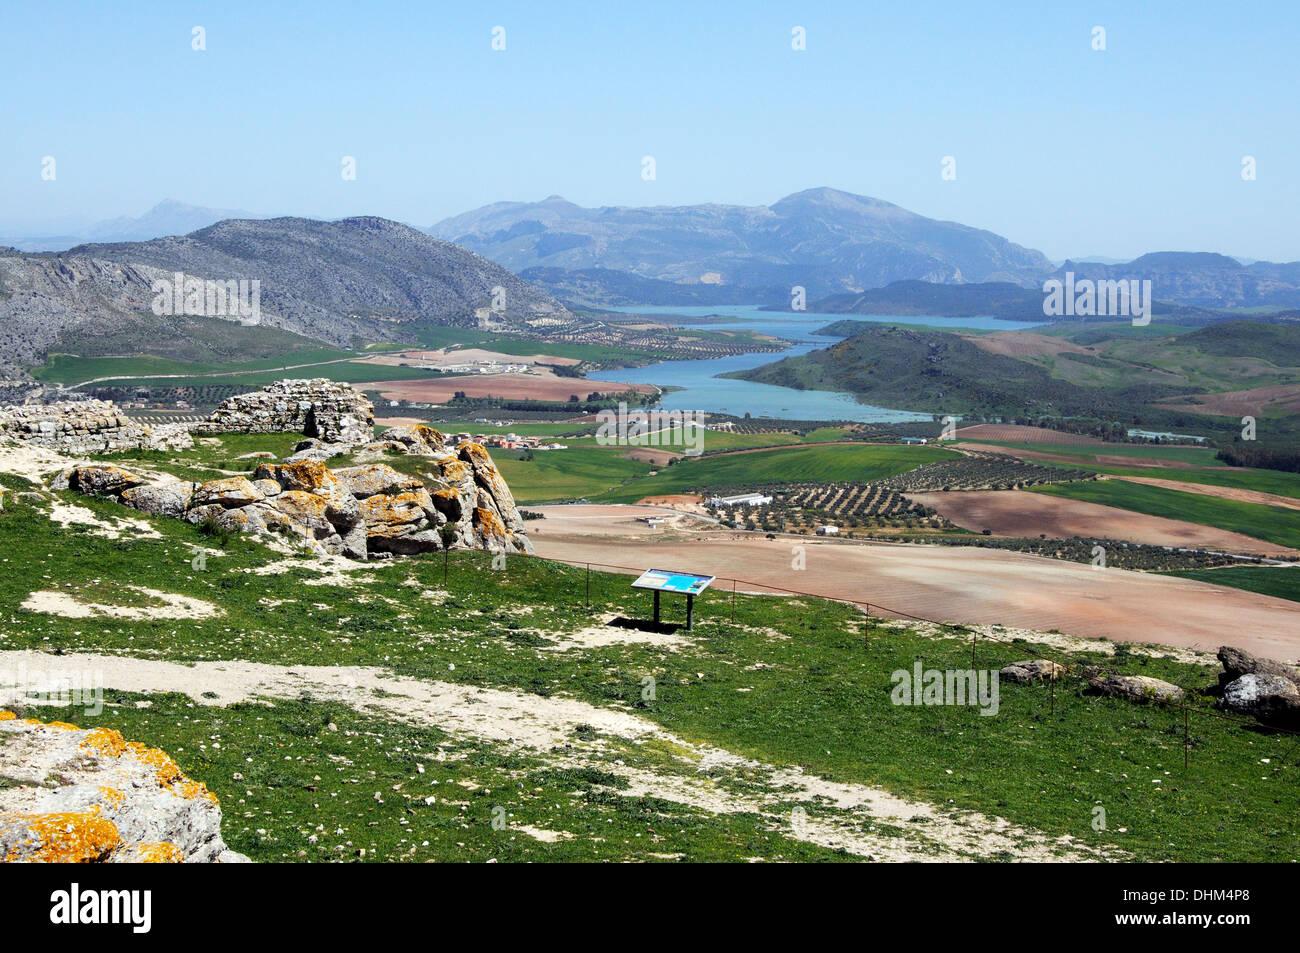 Vista dal castello guardando verso Guadalteba serbatoio, Teba, provincia di Malaga, Andalusia, Spagna, Europa occidentale. Immagini Stock